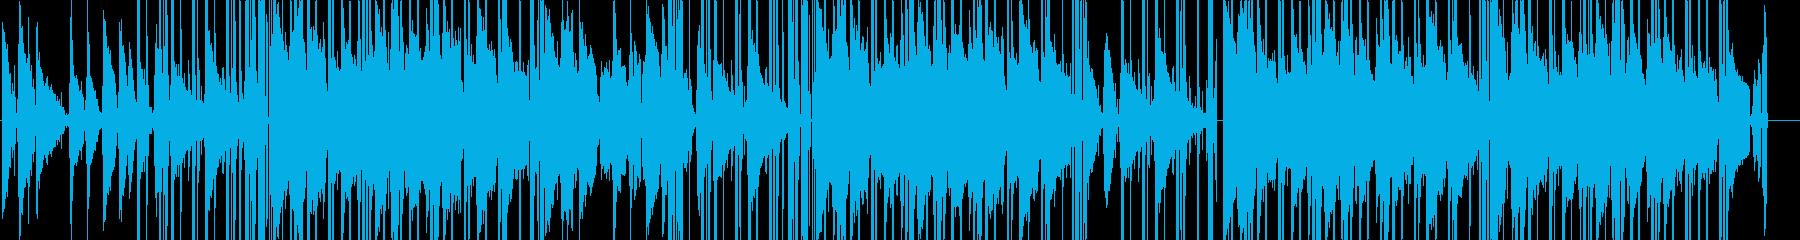 くつろげるLO-FI HIPHOPの再生済みの波形